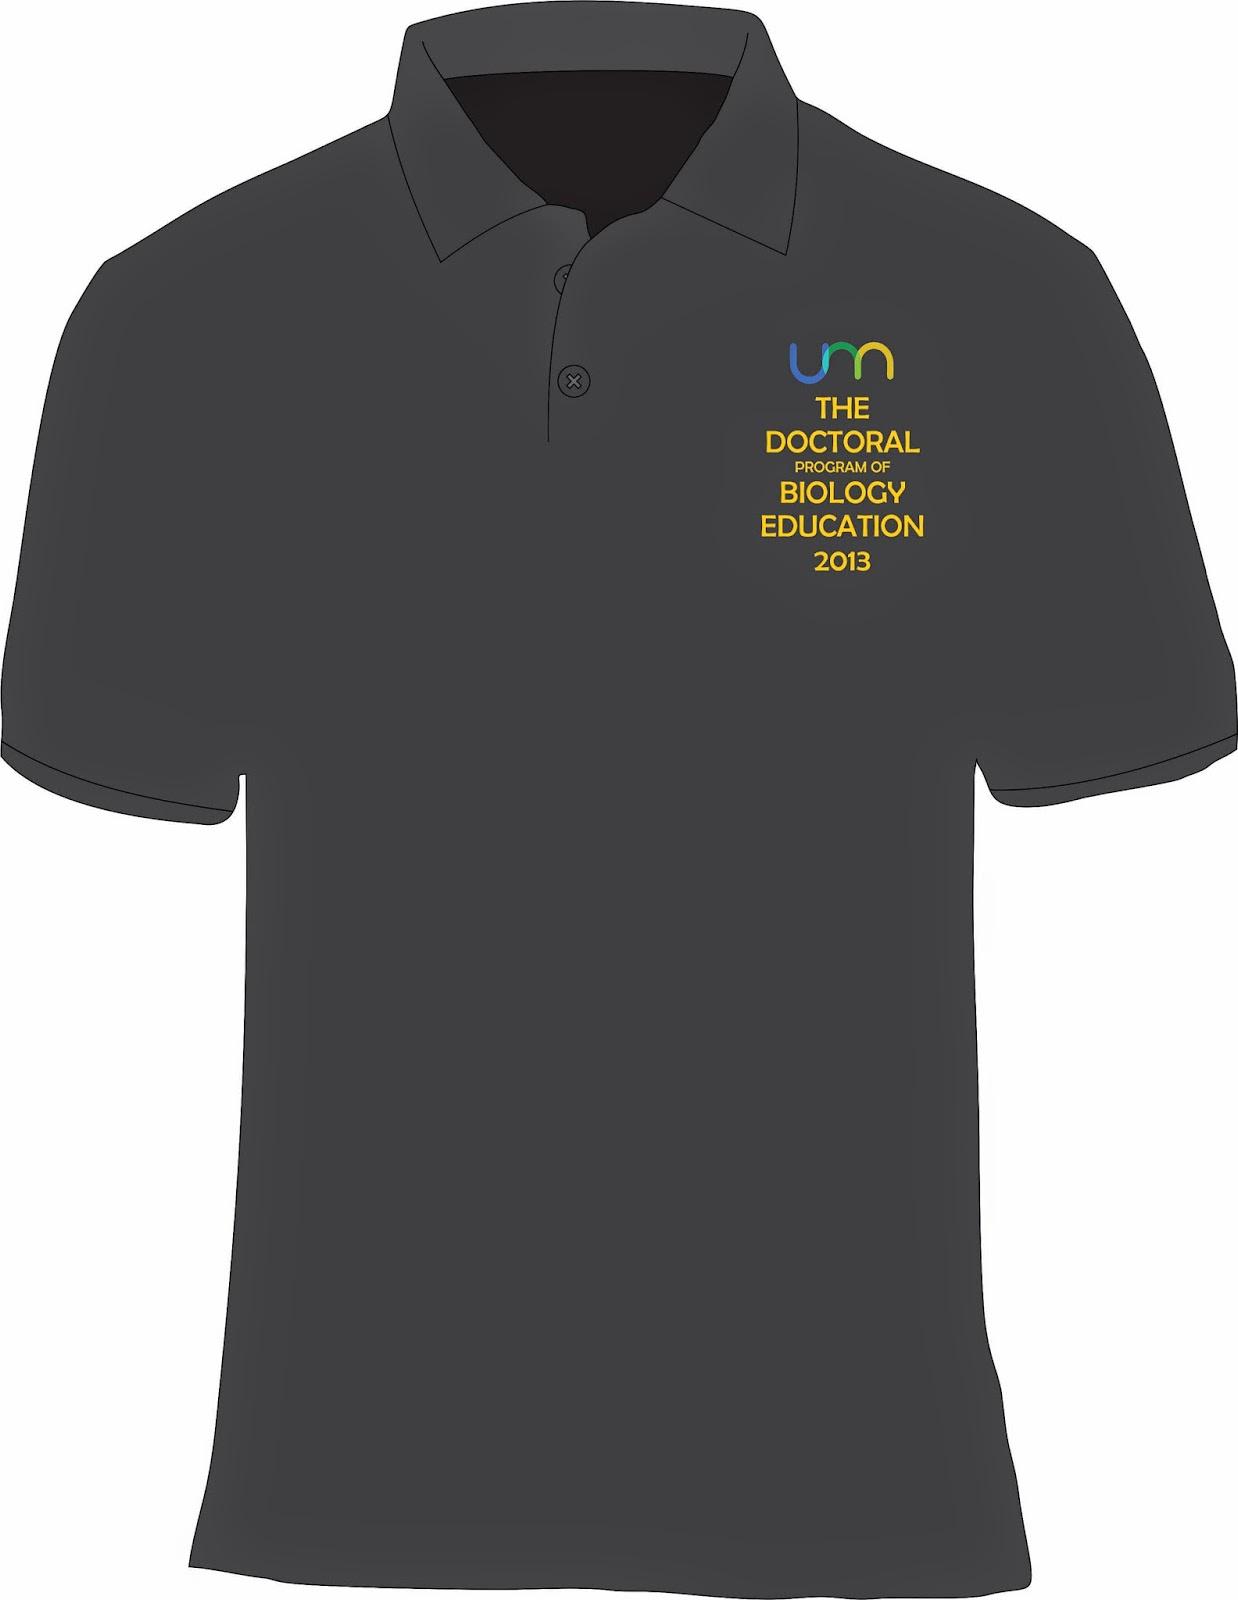 Contoh desain t shirt kelas - Contoh Desain Kaos Polo Tampak Depan Untuk Kelas Komunitas